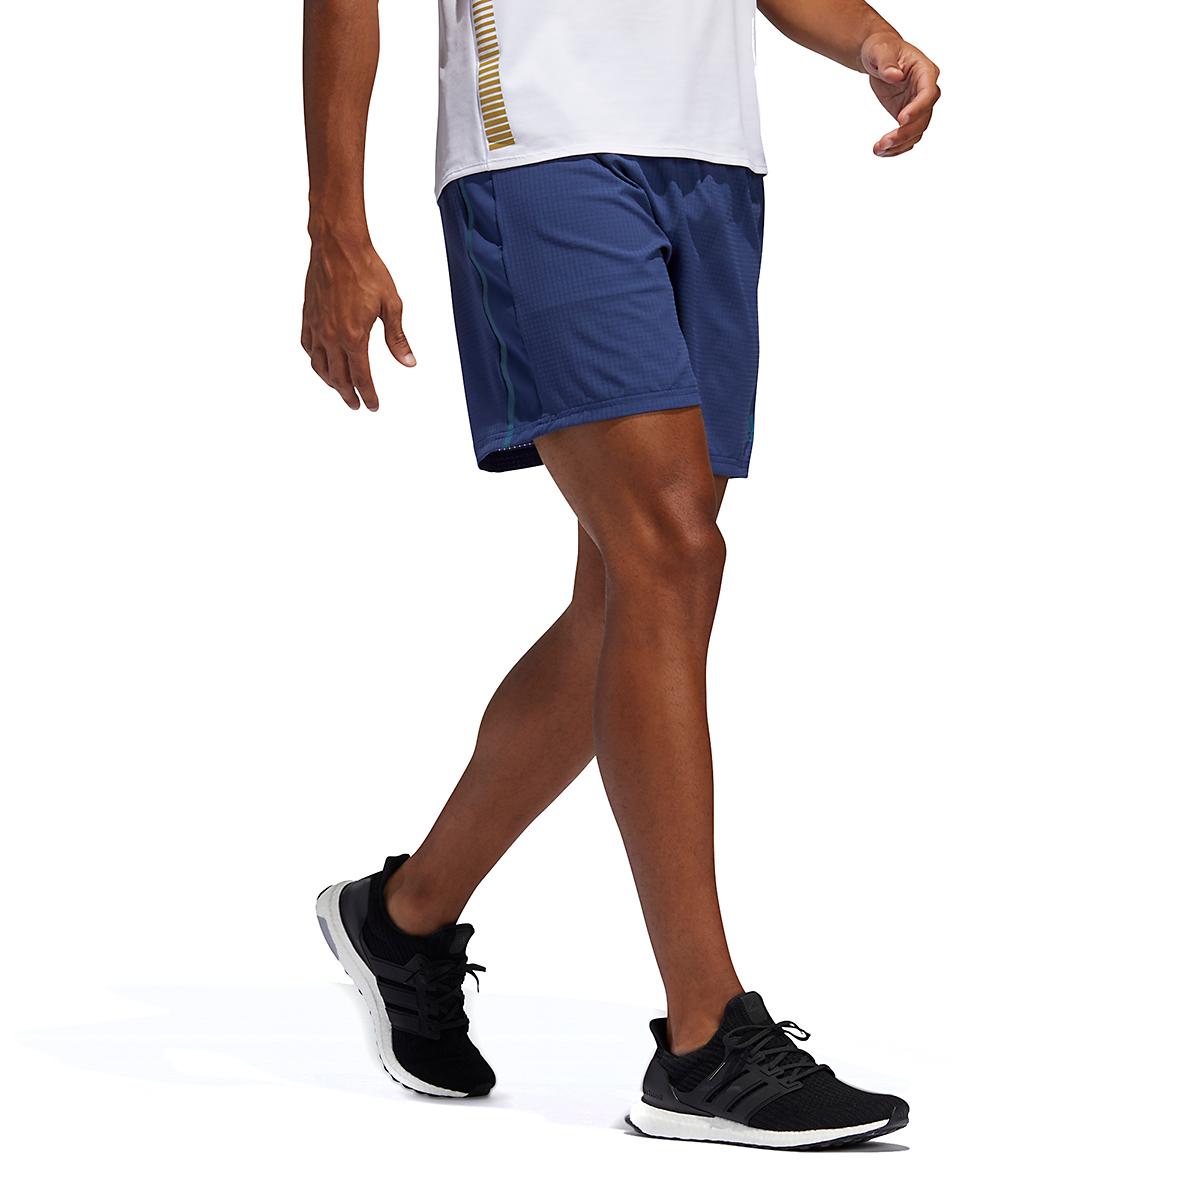 Men's Adidas Saturday Shorts - Color: Indigo - Size: M, Indigo, large, image 4